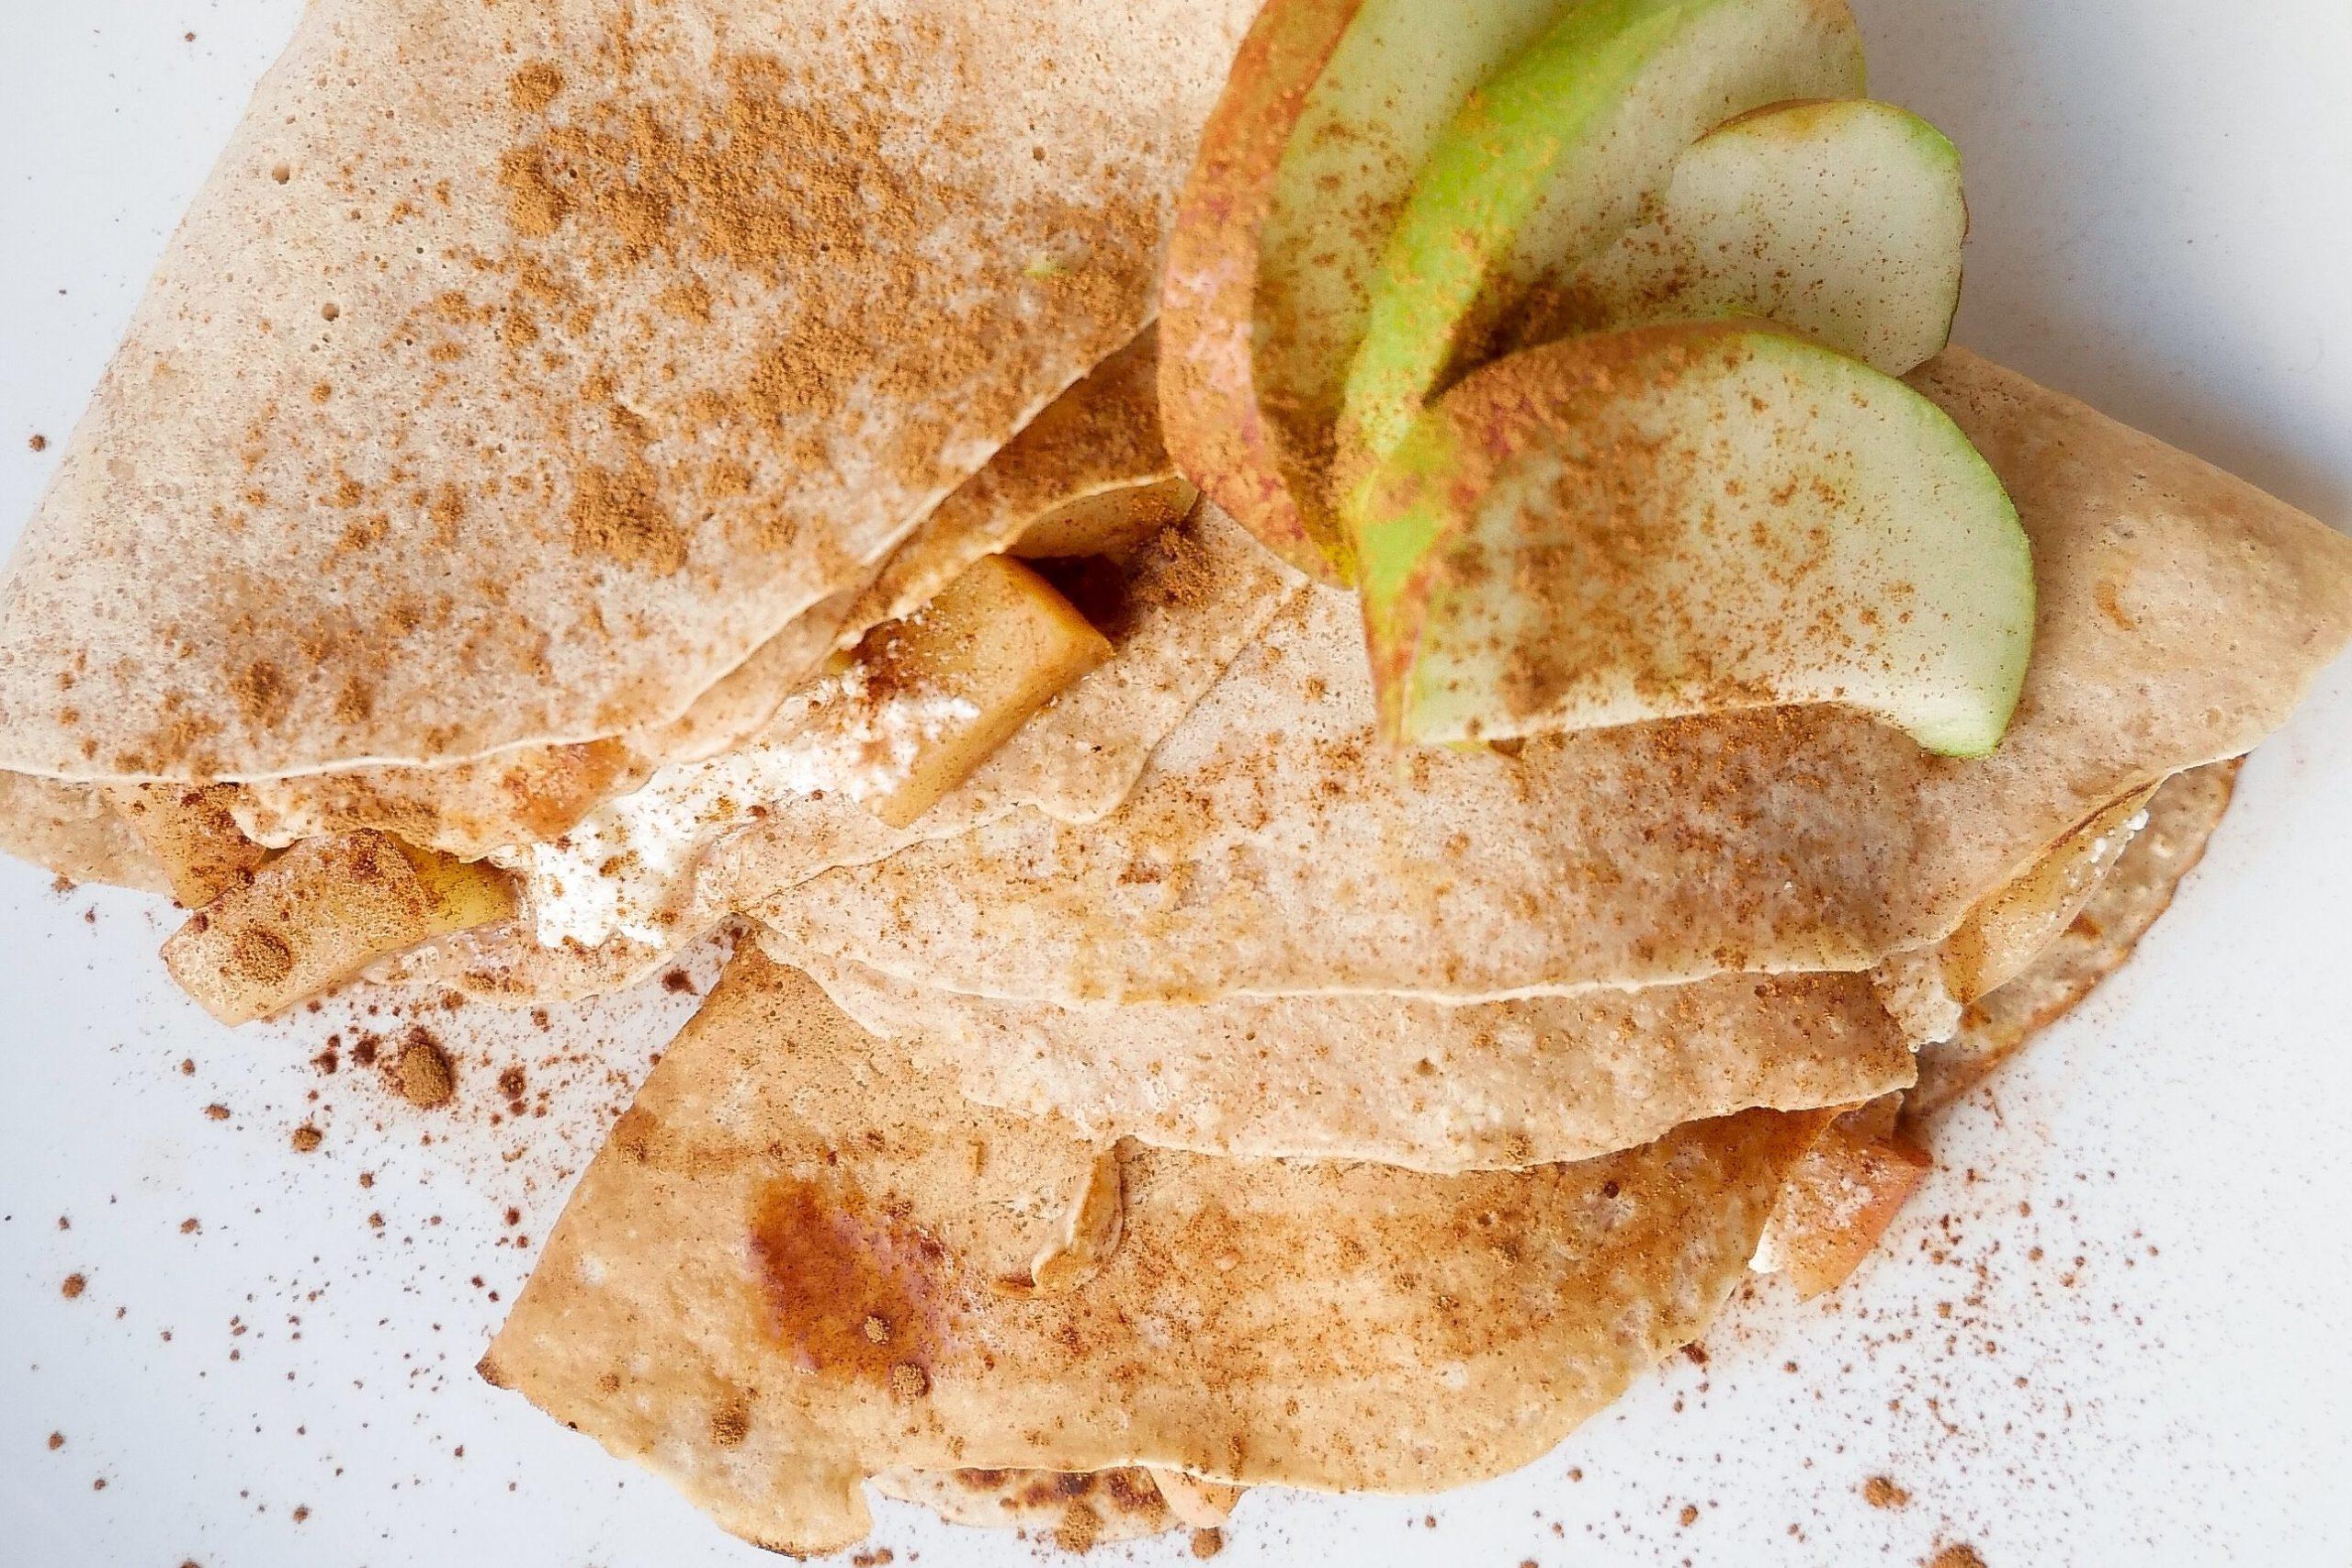 zdjęcie naleśników z serem z jabłkami. Na wierzchu posypane cynamonem.